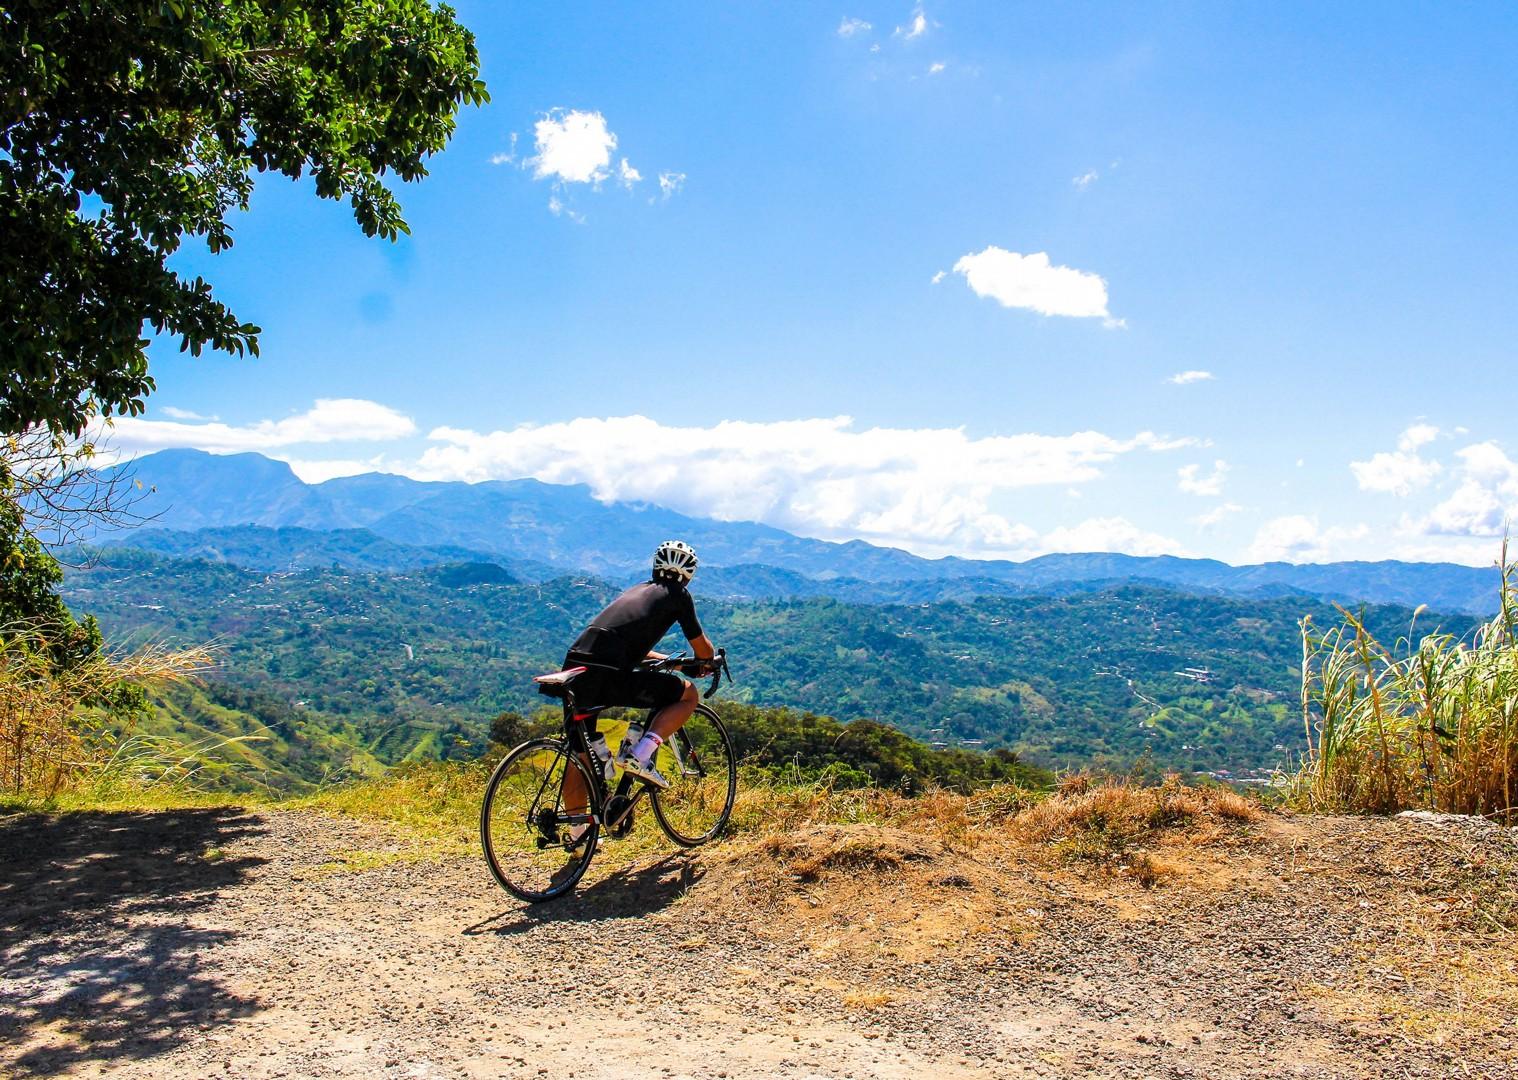 IMG_5626.jpg - Costa Rica - Ruta de los Volcanes - Road Cycling